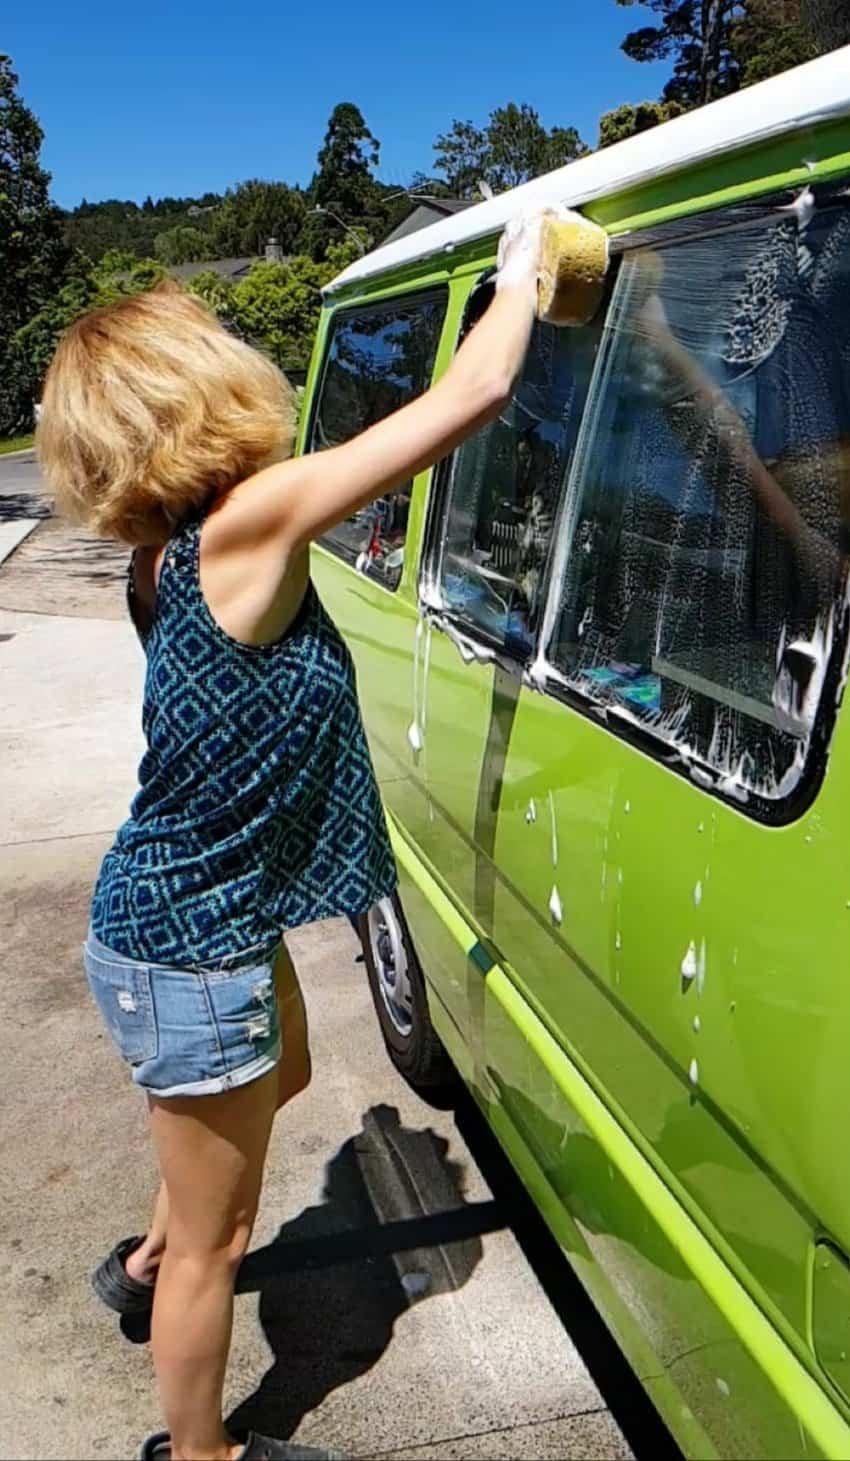 Nouvelle-Zélande, on récupère notre campervan 🚍 6